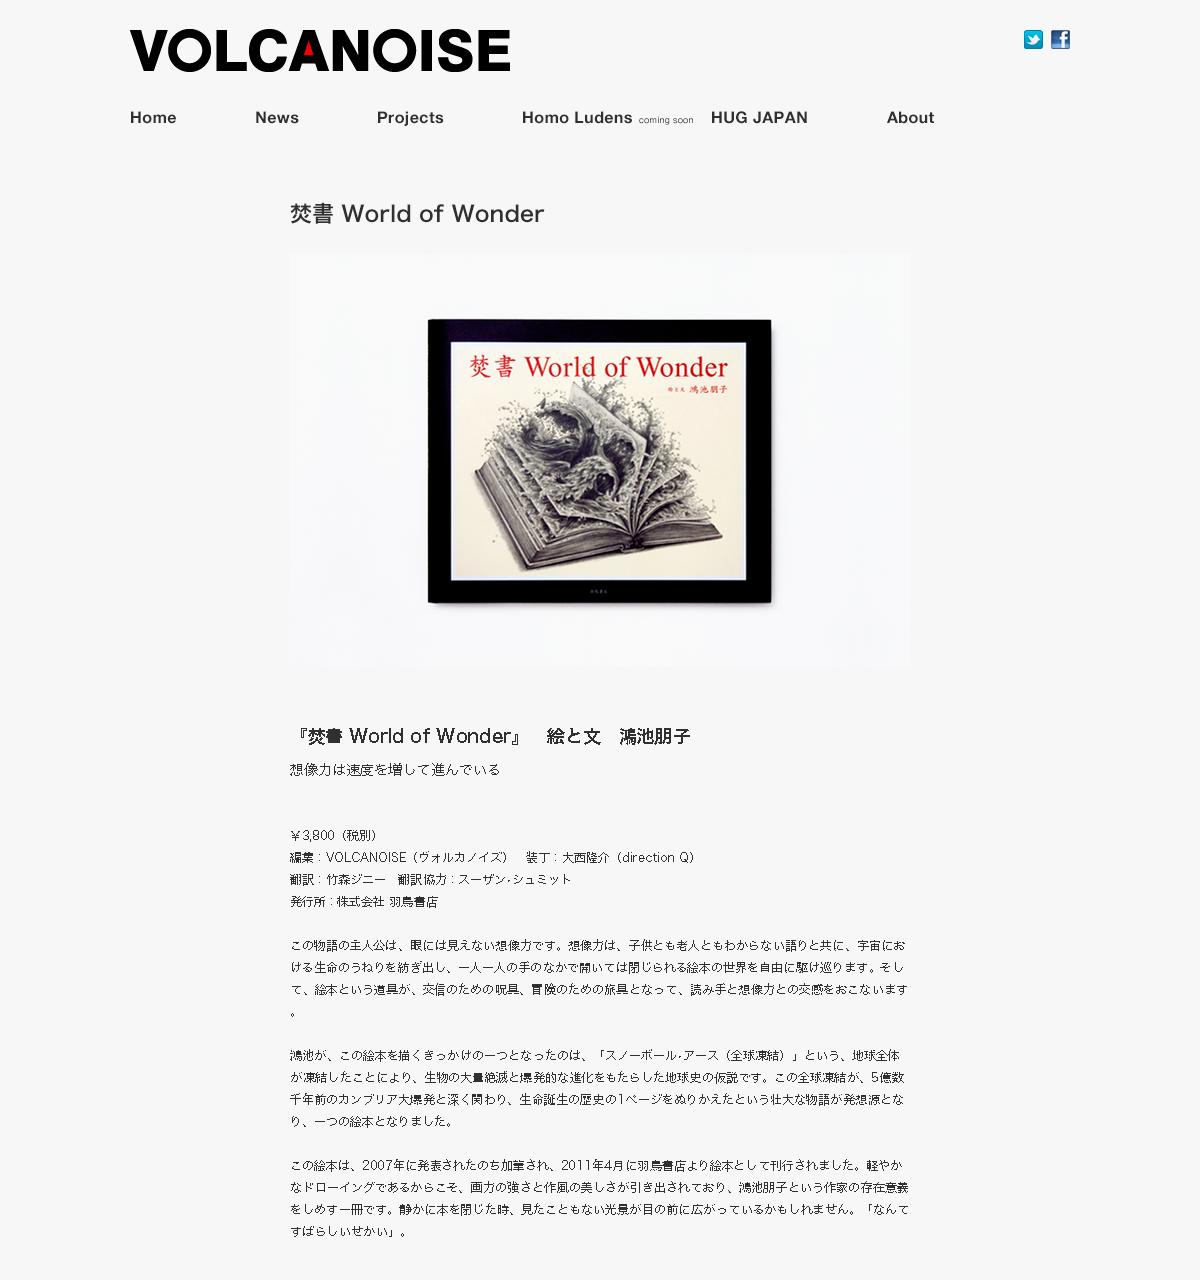 002_volcanoise_1200px